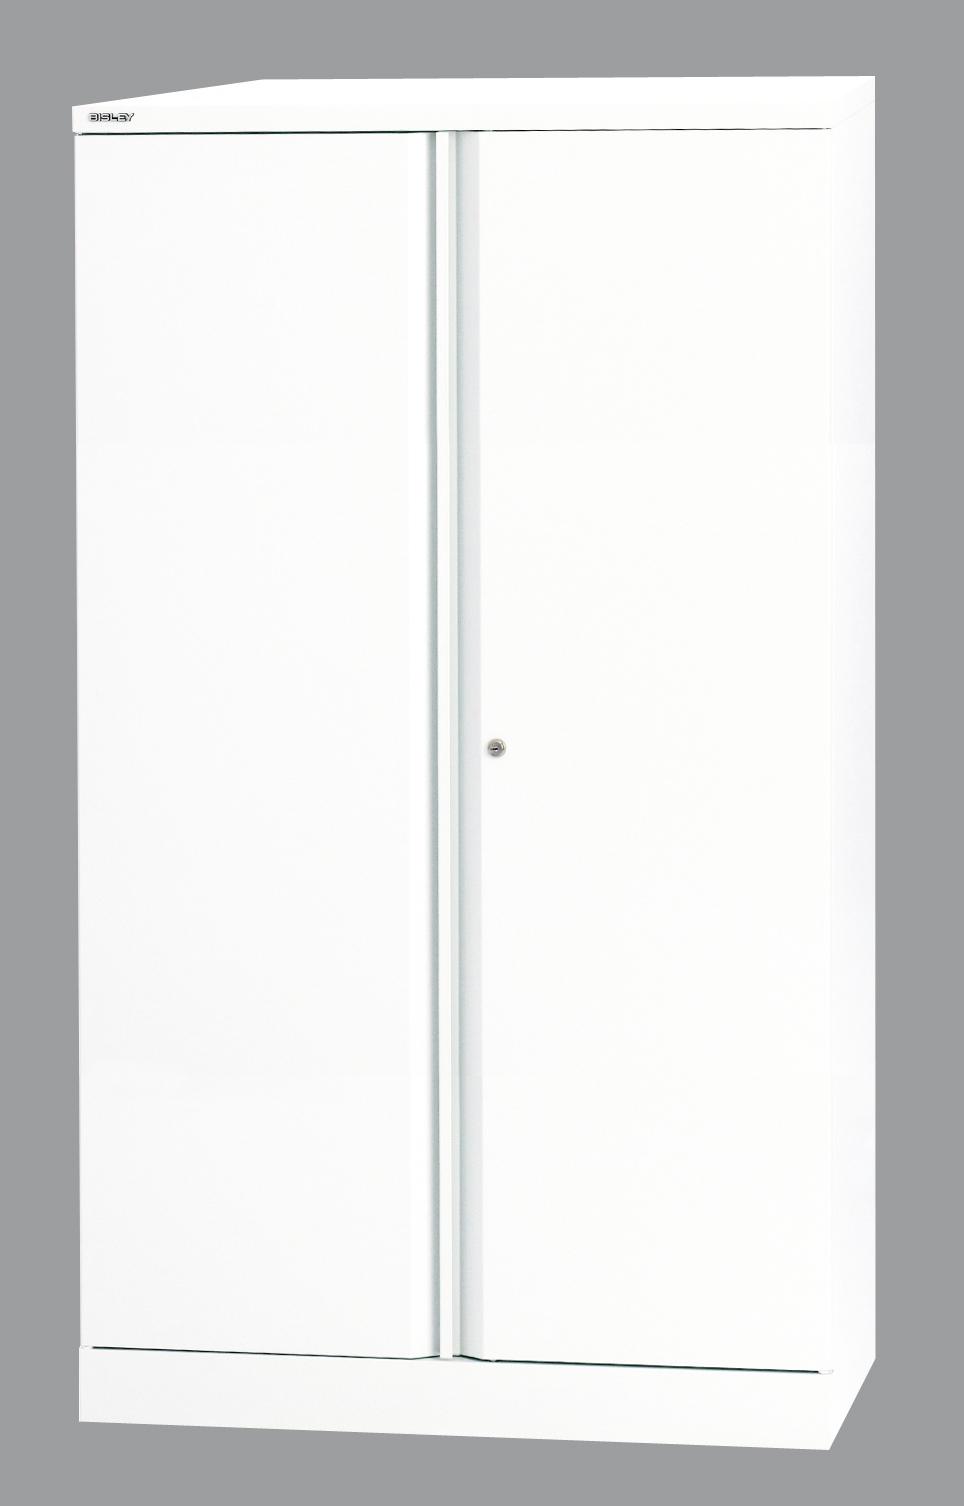 Büroschrank weiß abschließbar  Ikea Metallschrank Abschließbar: Kleiderschrank 180 cm hoch ...